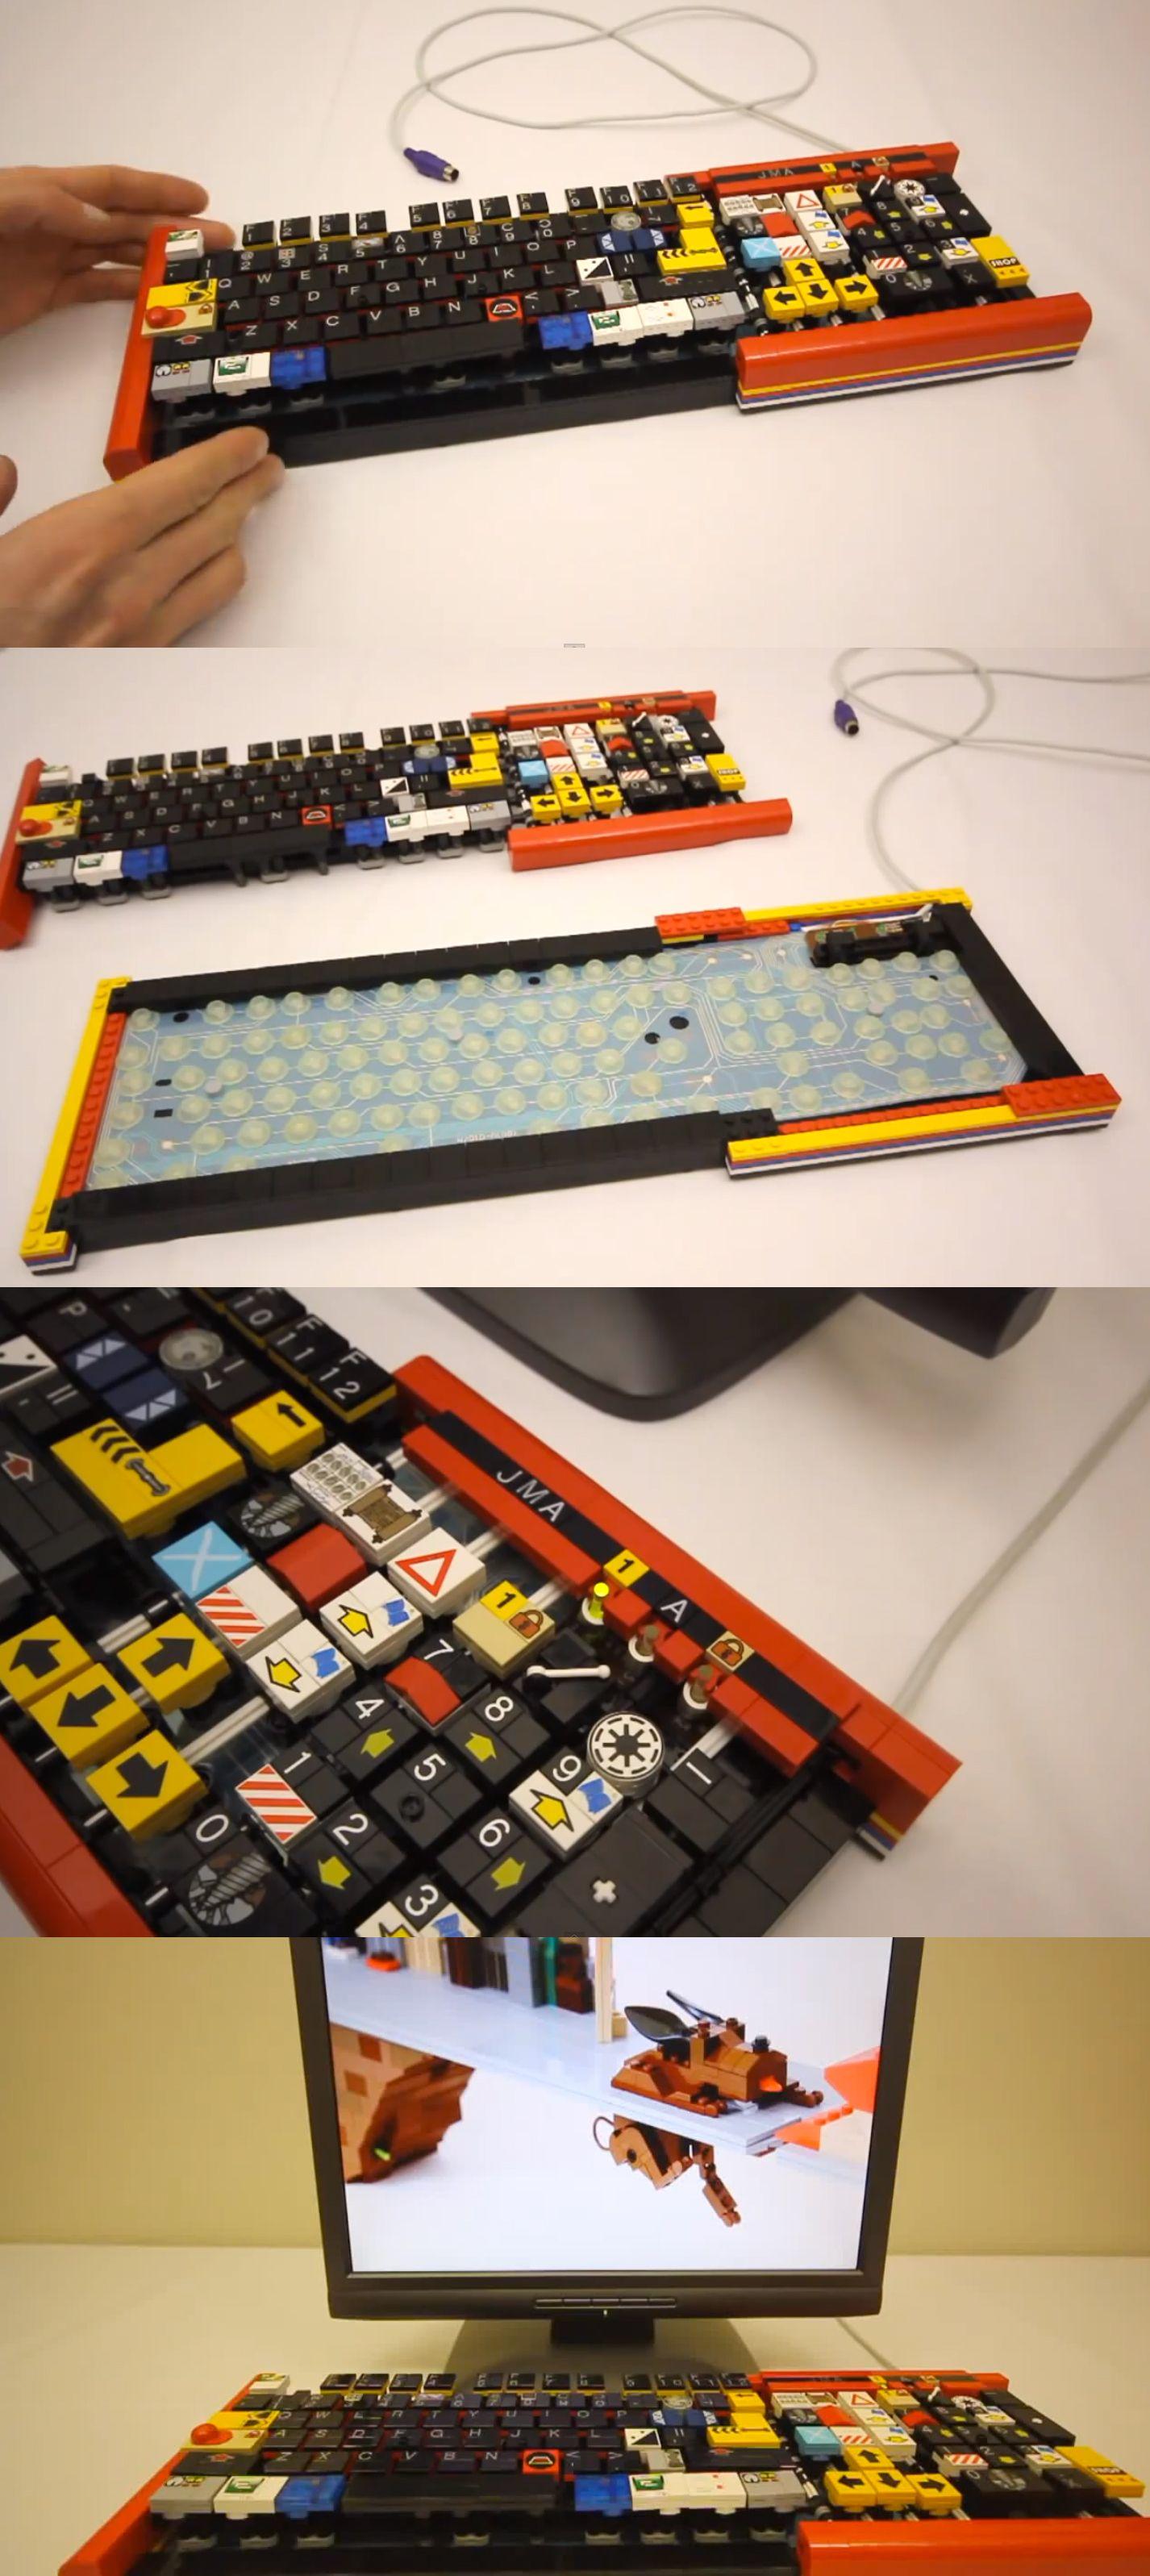 Awesome Lego Keyboard!